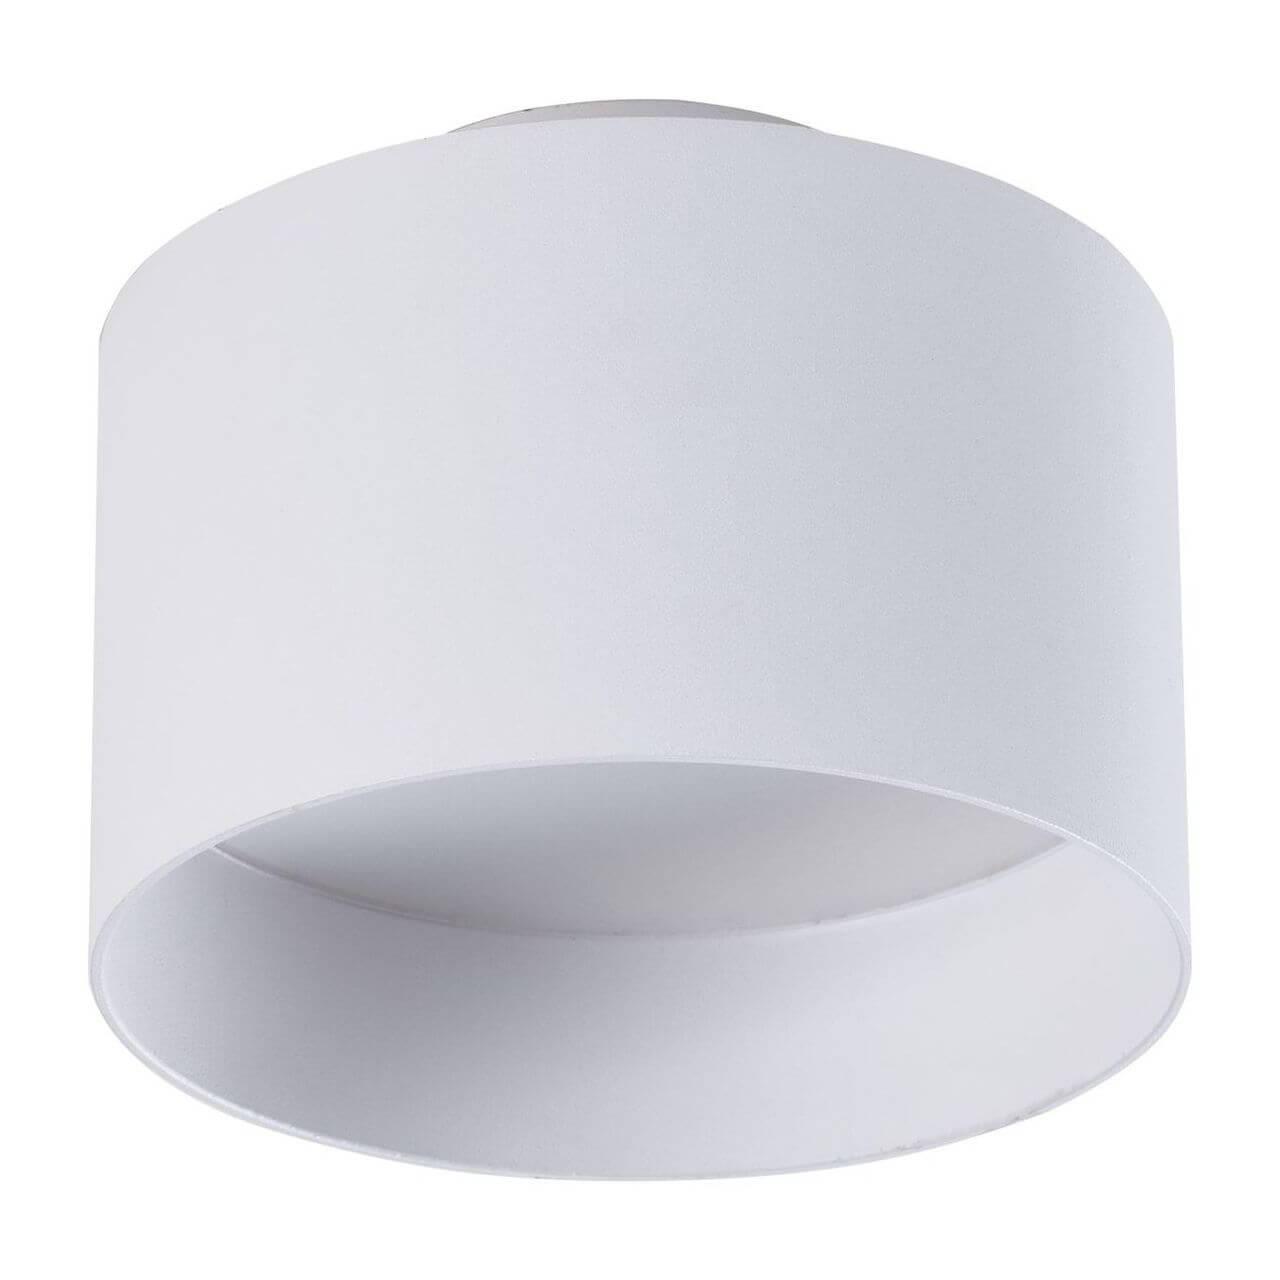 Накладной светильник Maytoni C009CW-L16W, LED, 16 Вт накладной светильник planet c009cw l16w